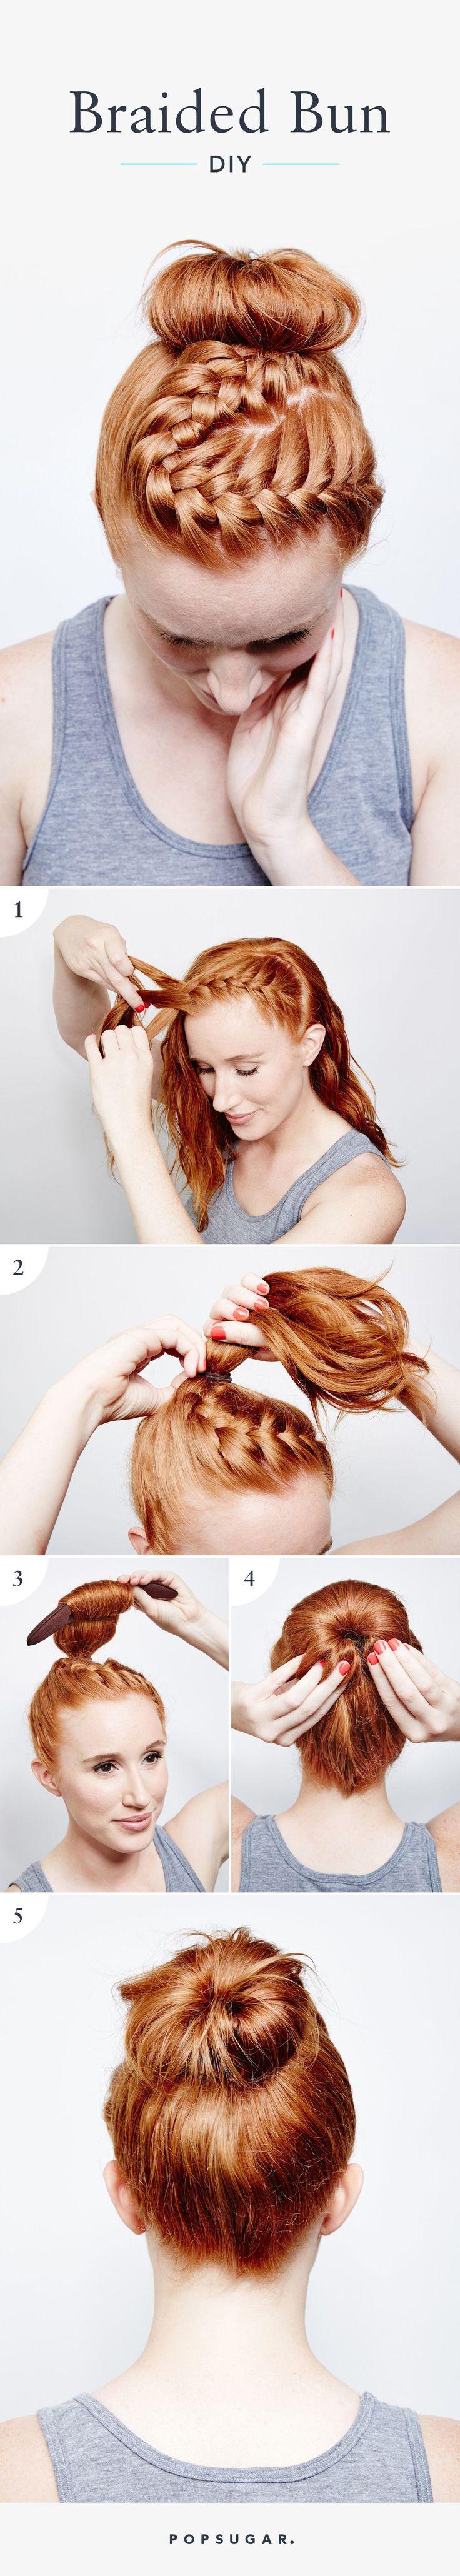 17 best ideas about braided bun tutorials on pinterest